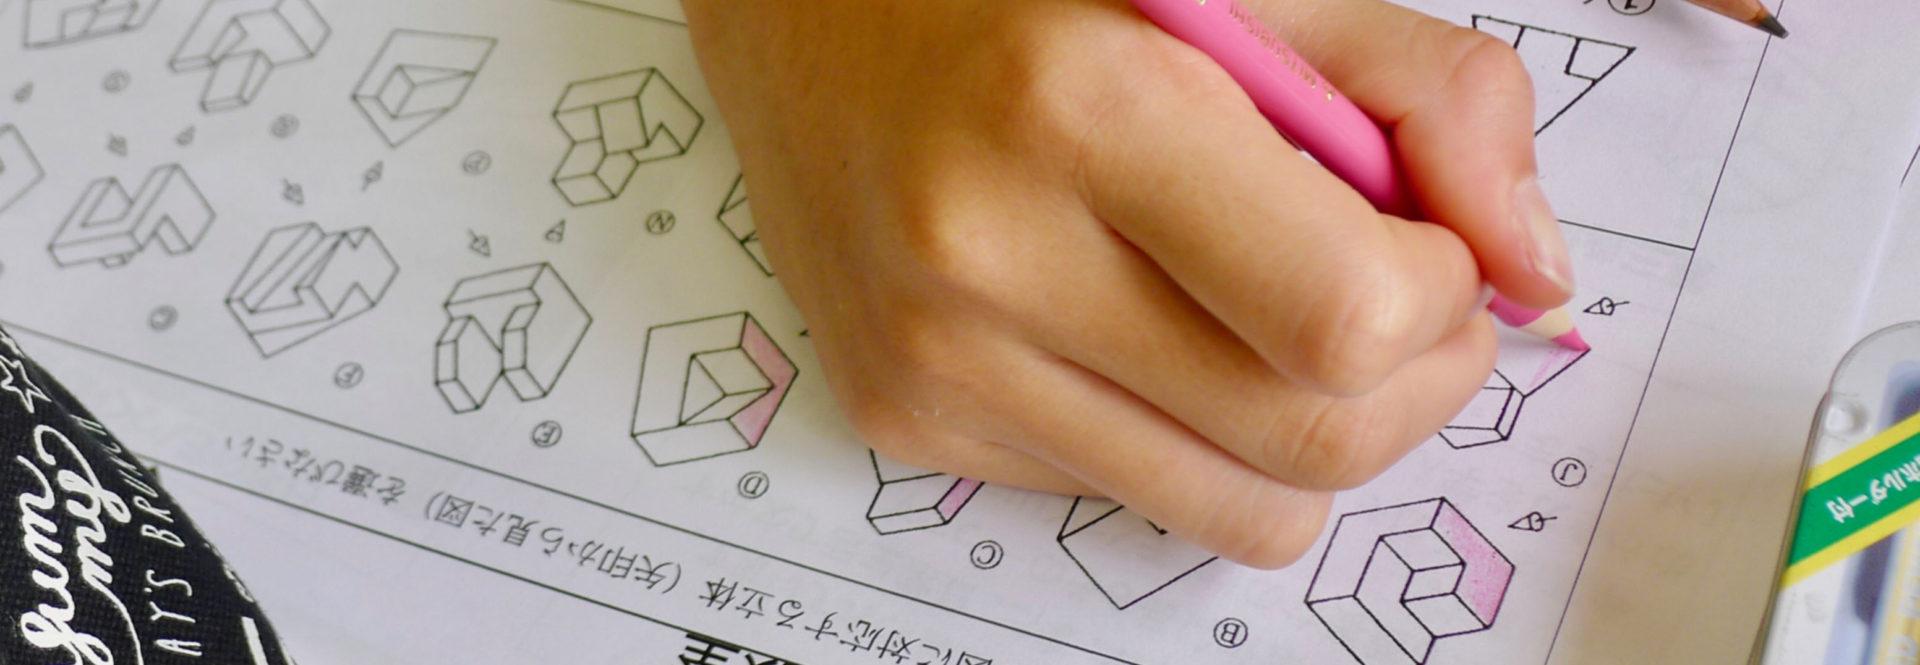 カテゴリー: モノ作り体験教室